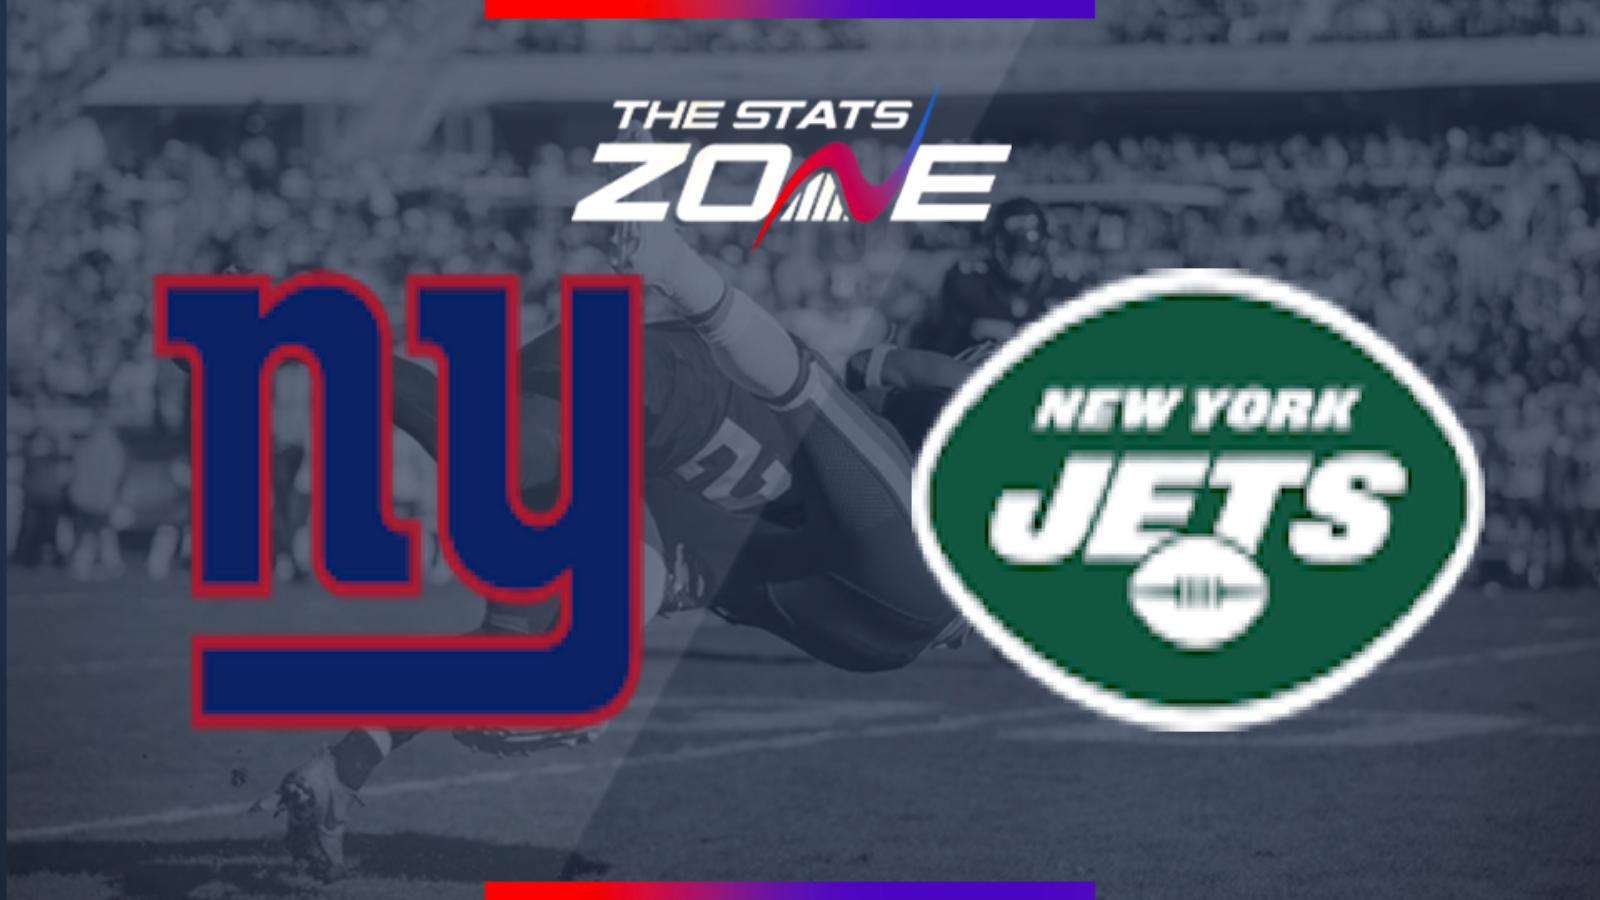 New Vs Jets Giants York New 1974 York